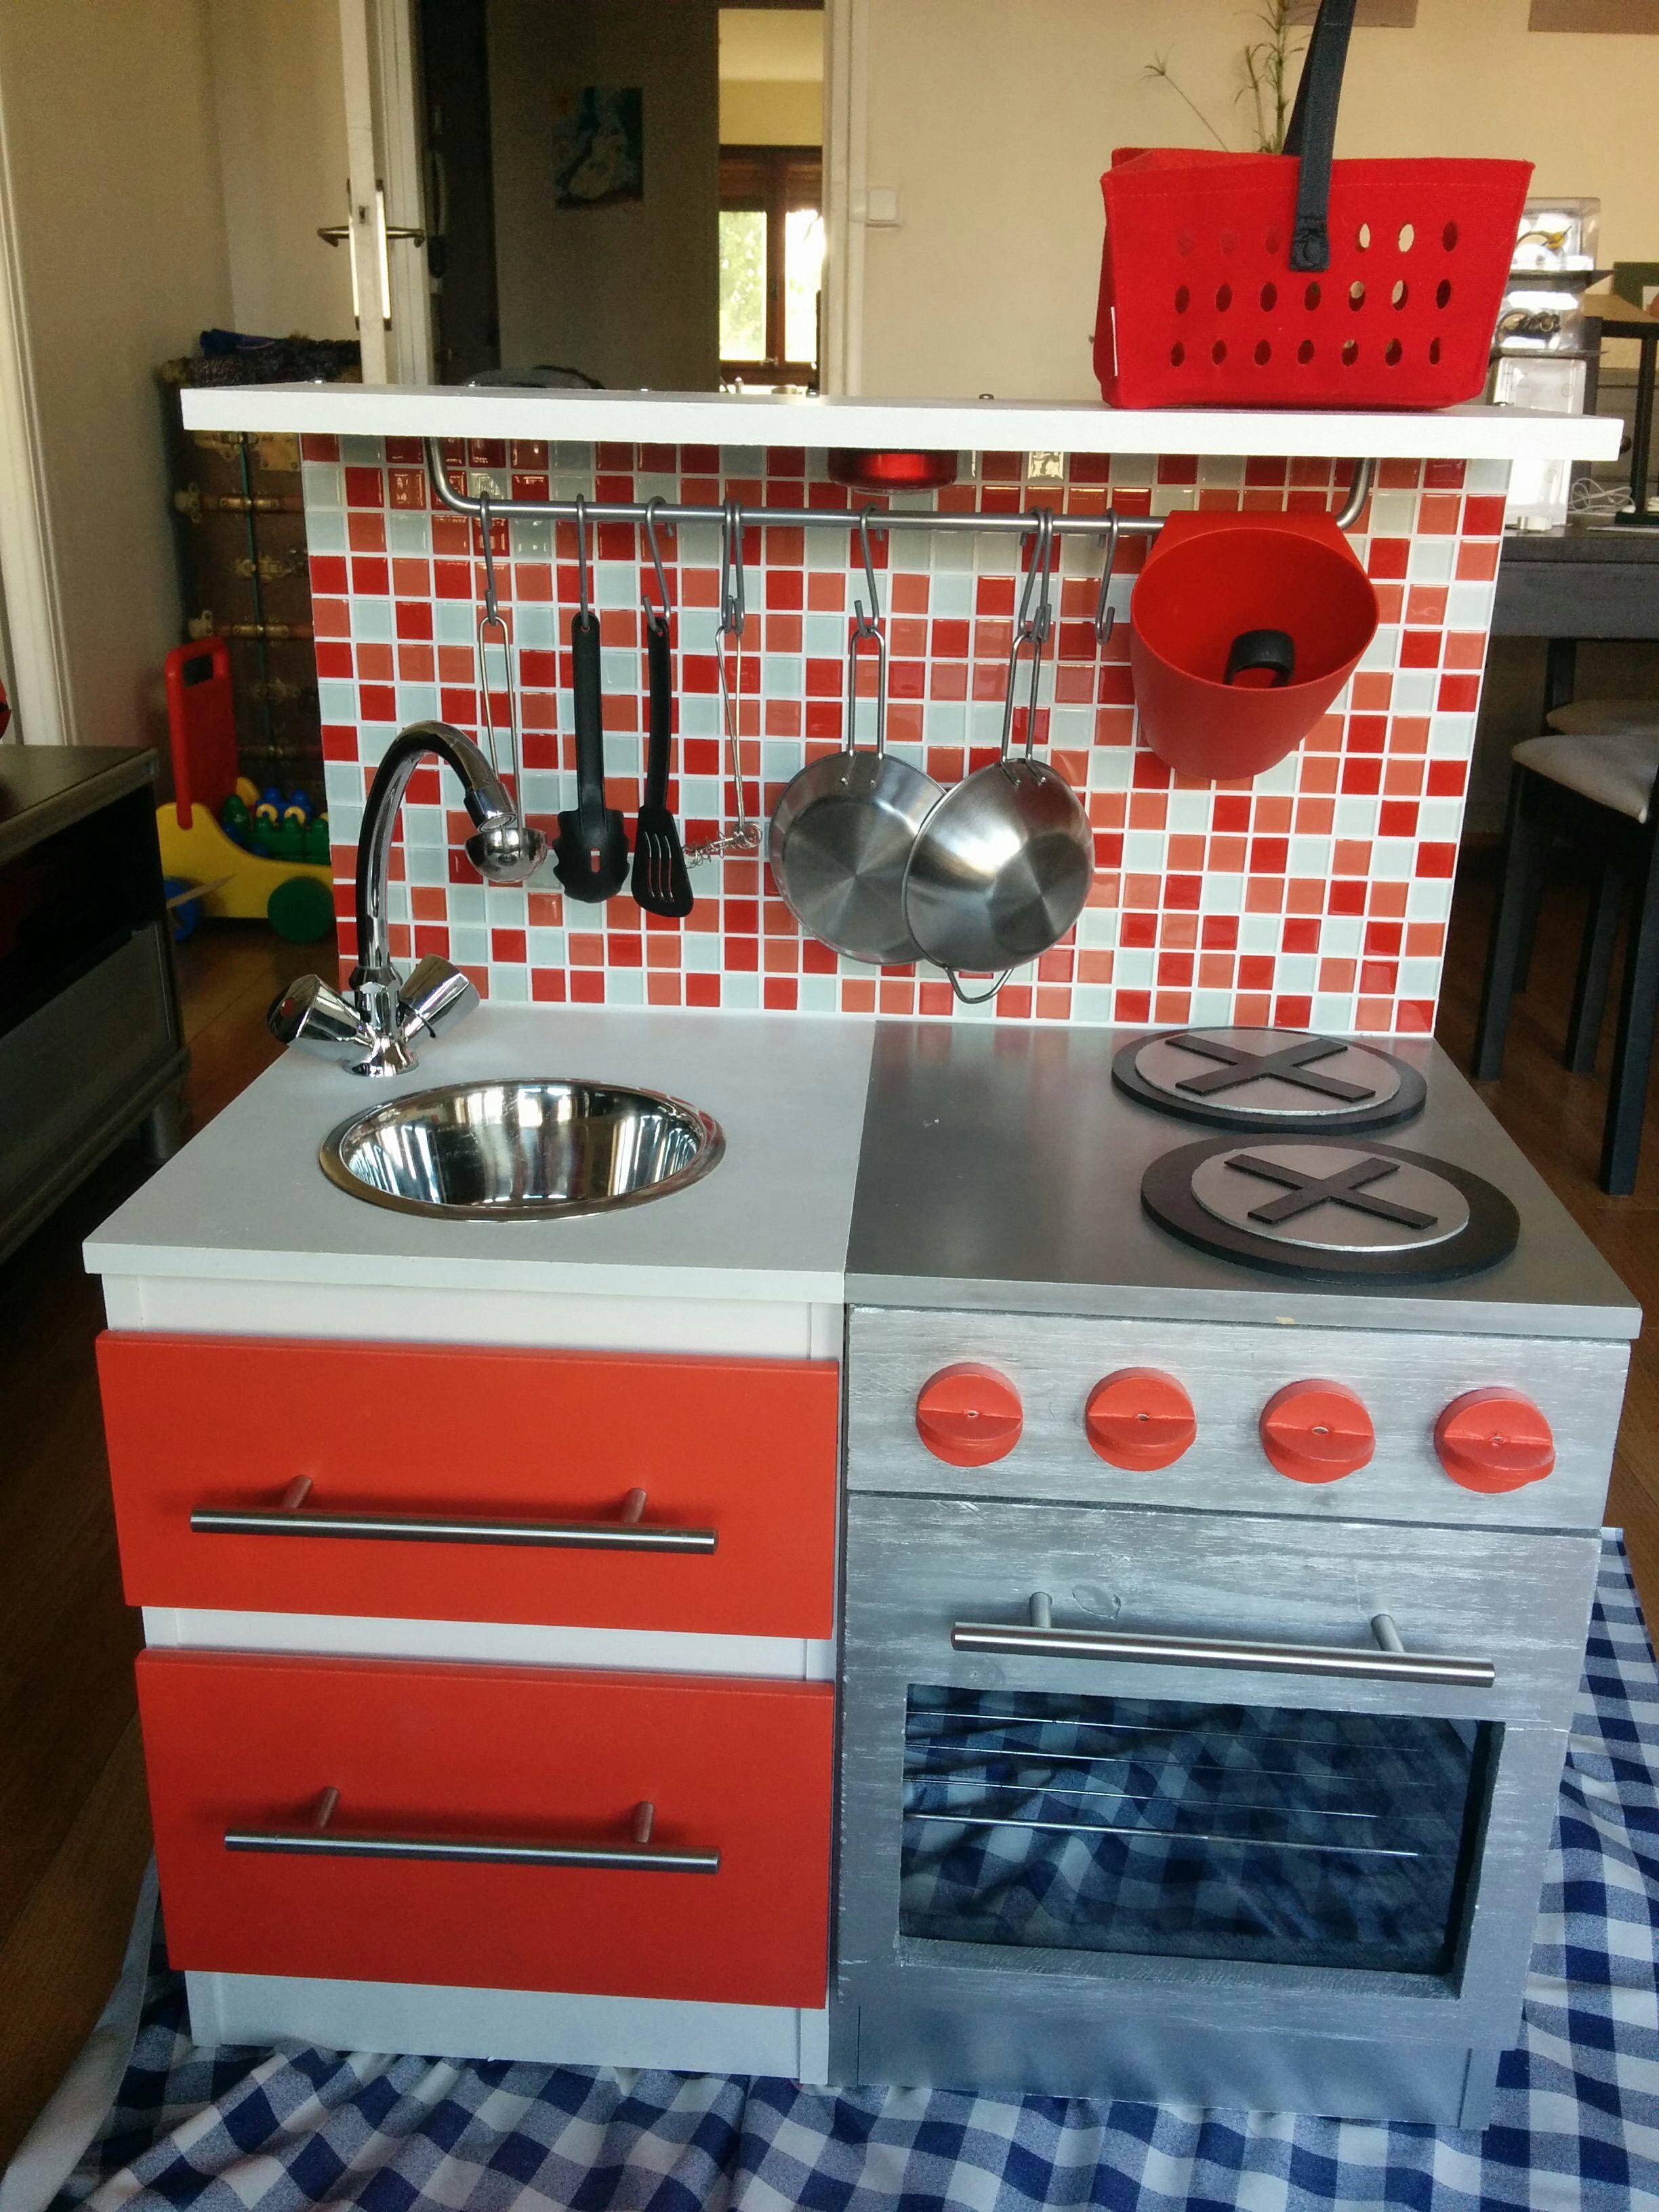 Un tutoriel complet pour construire une cuisine pour enfant facilement partir de meubles ik a - Construire cuisine ...